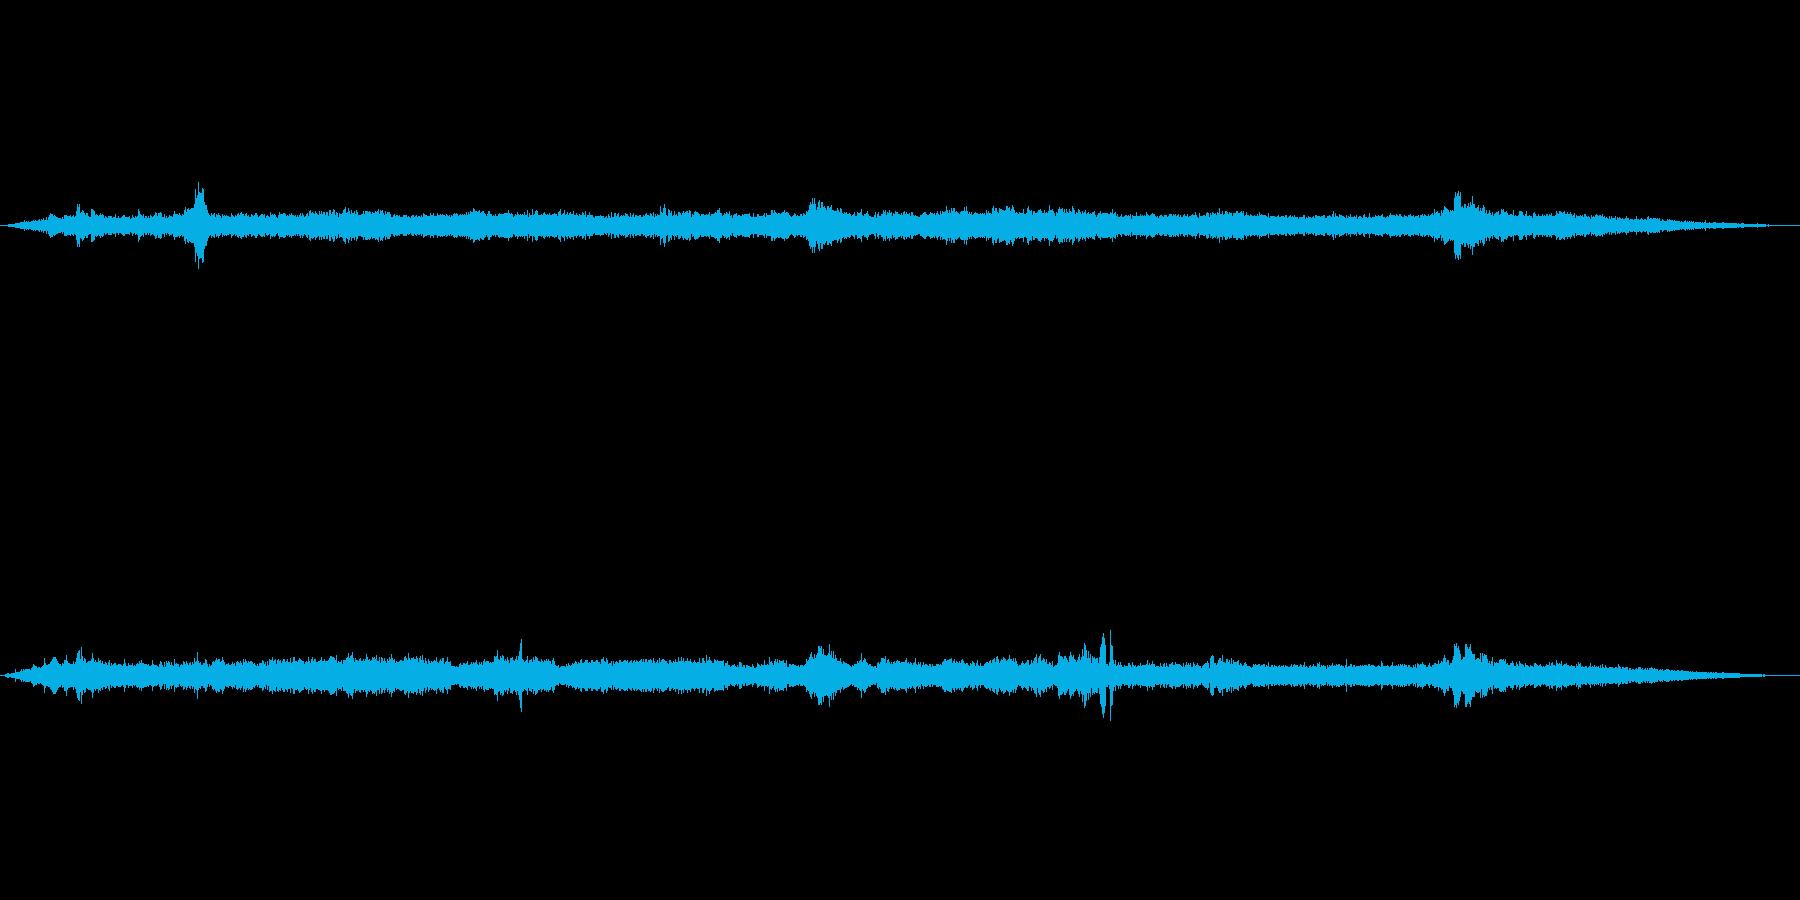 【特殊音】蜂が飛ぶ音01(下栗の里)の再生済みの波形